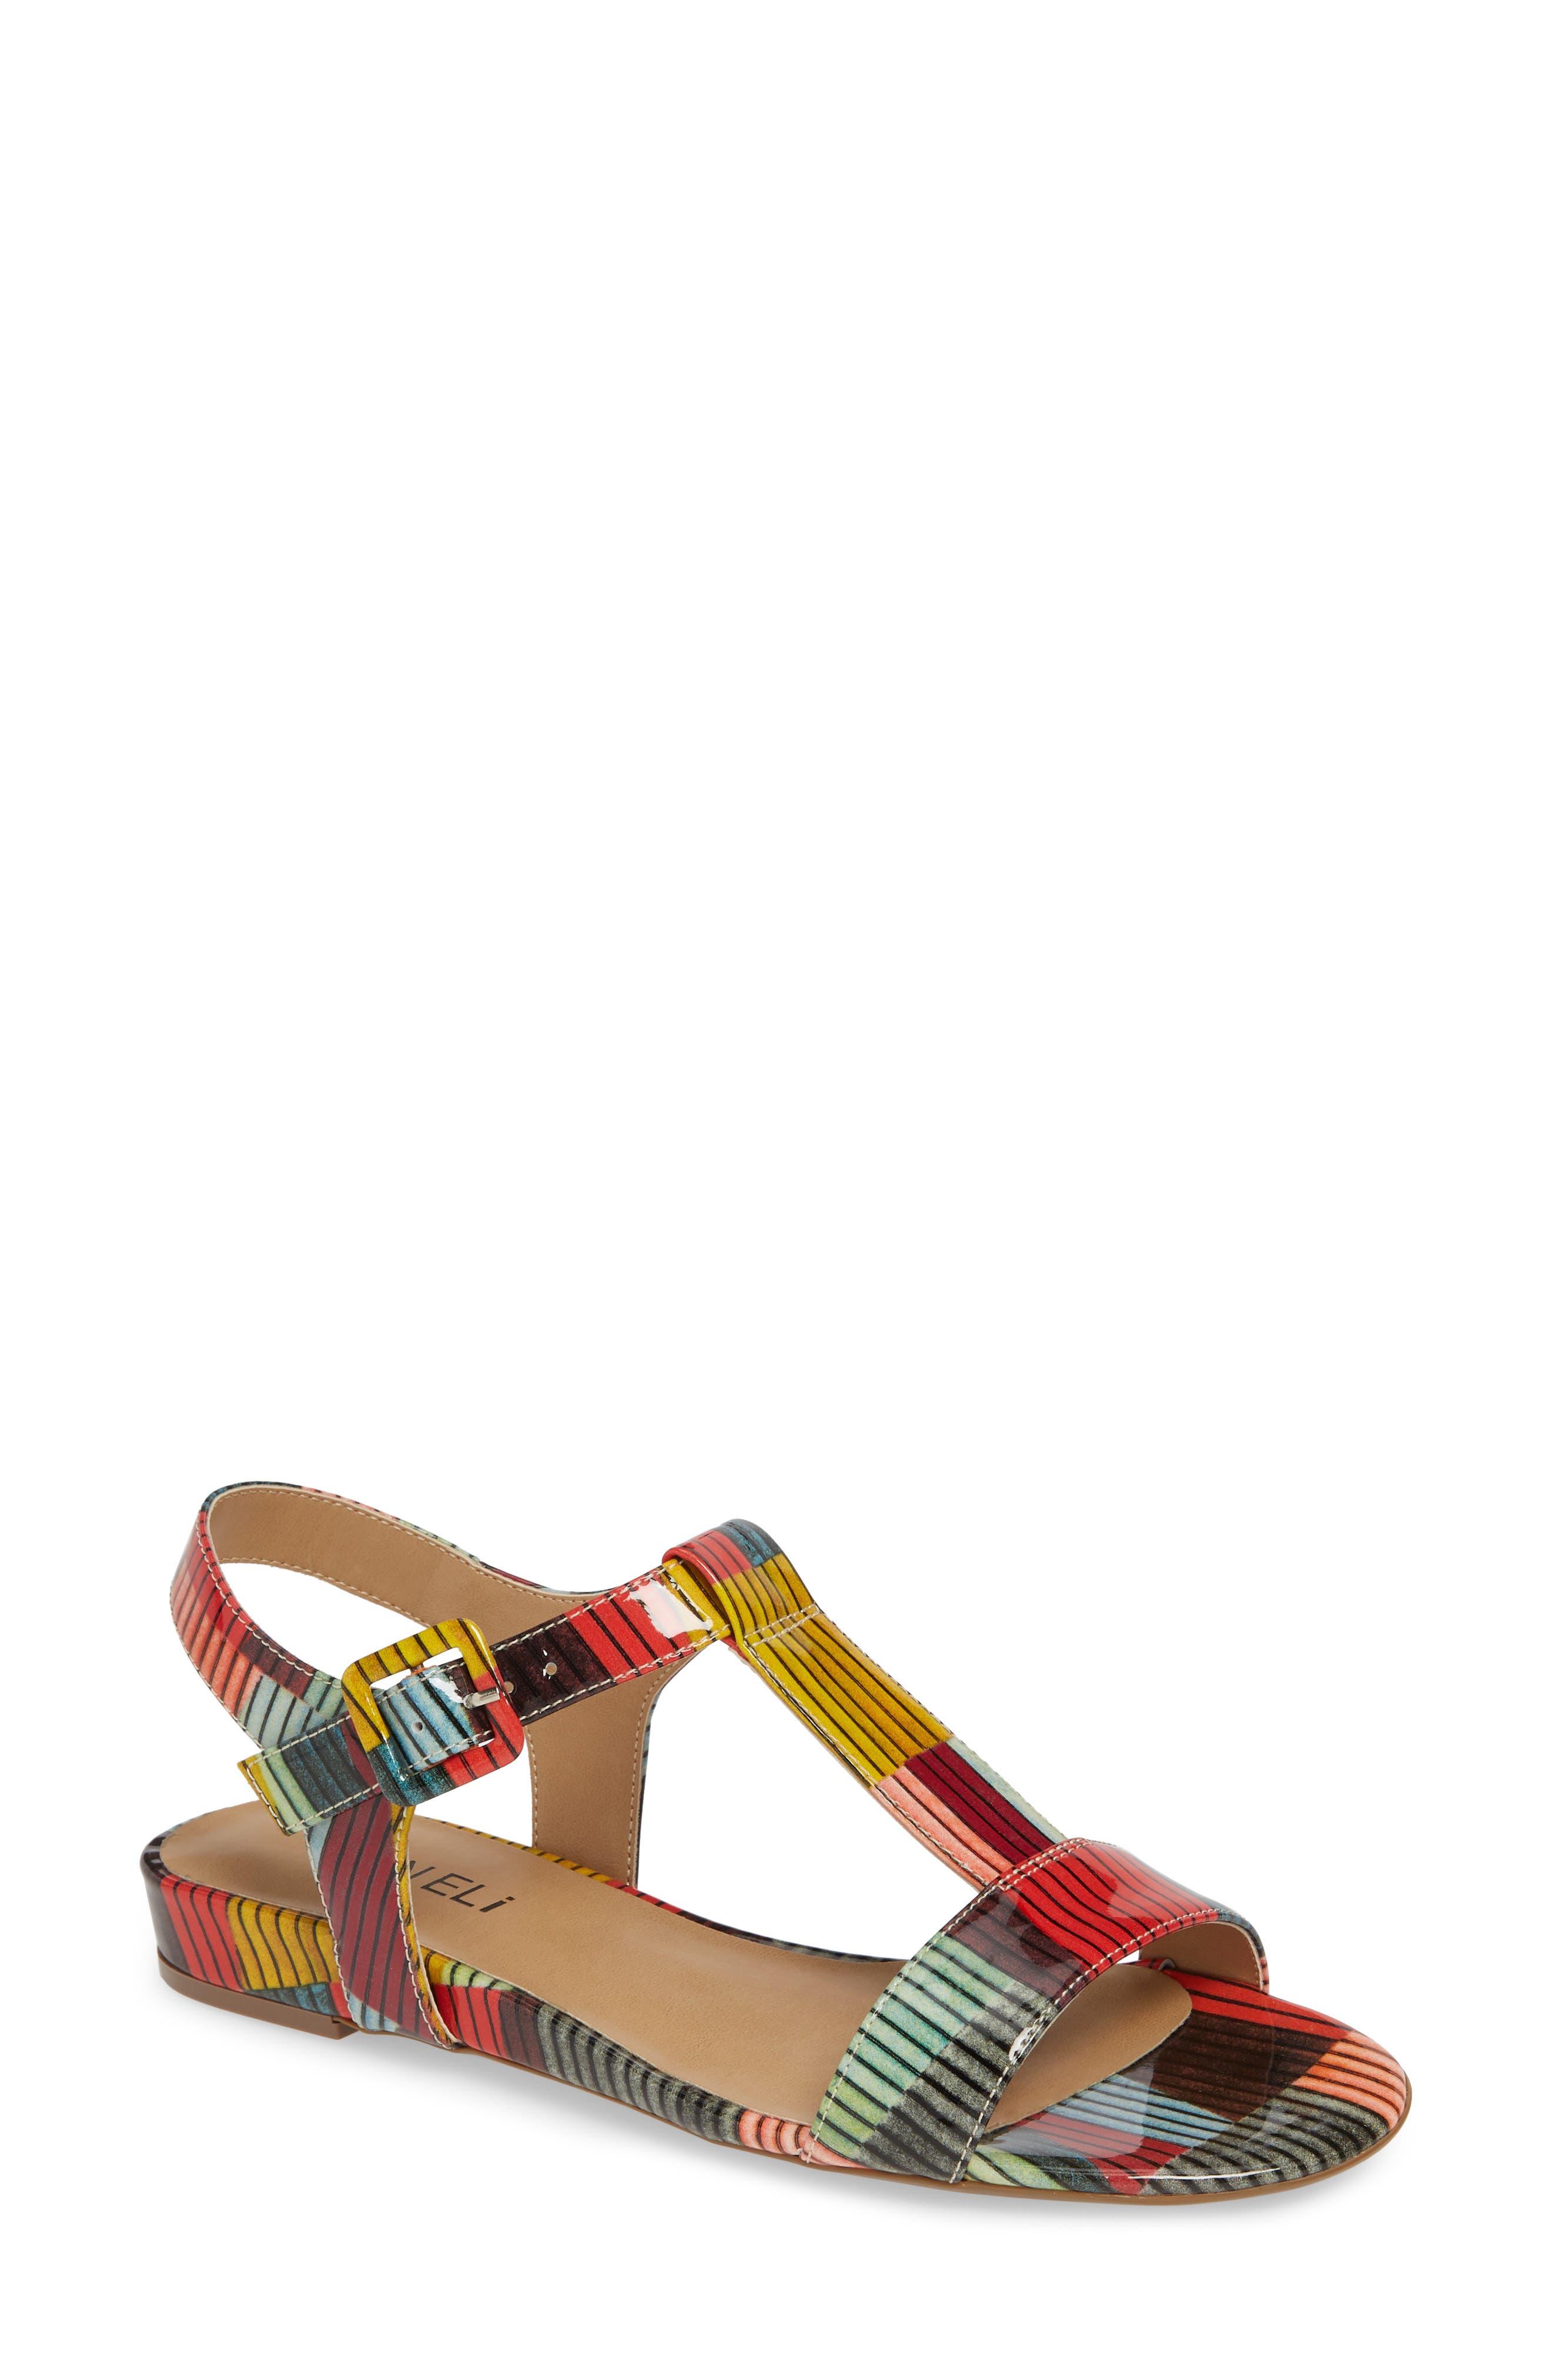 VANELI, Burlie T-Strap Sandal, Main thumbnail 1, color, MULTICOLOR PATENT LEATHER